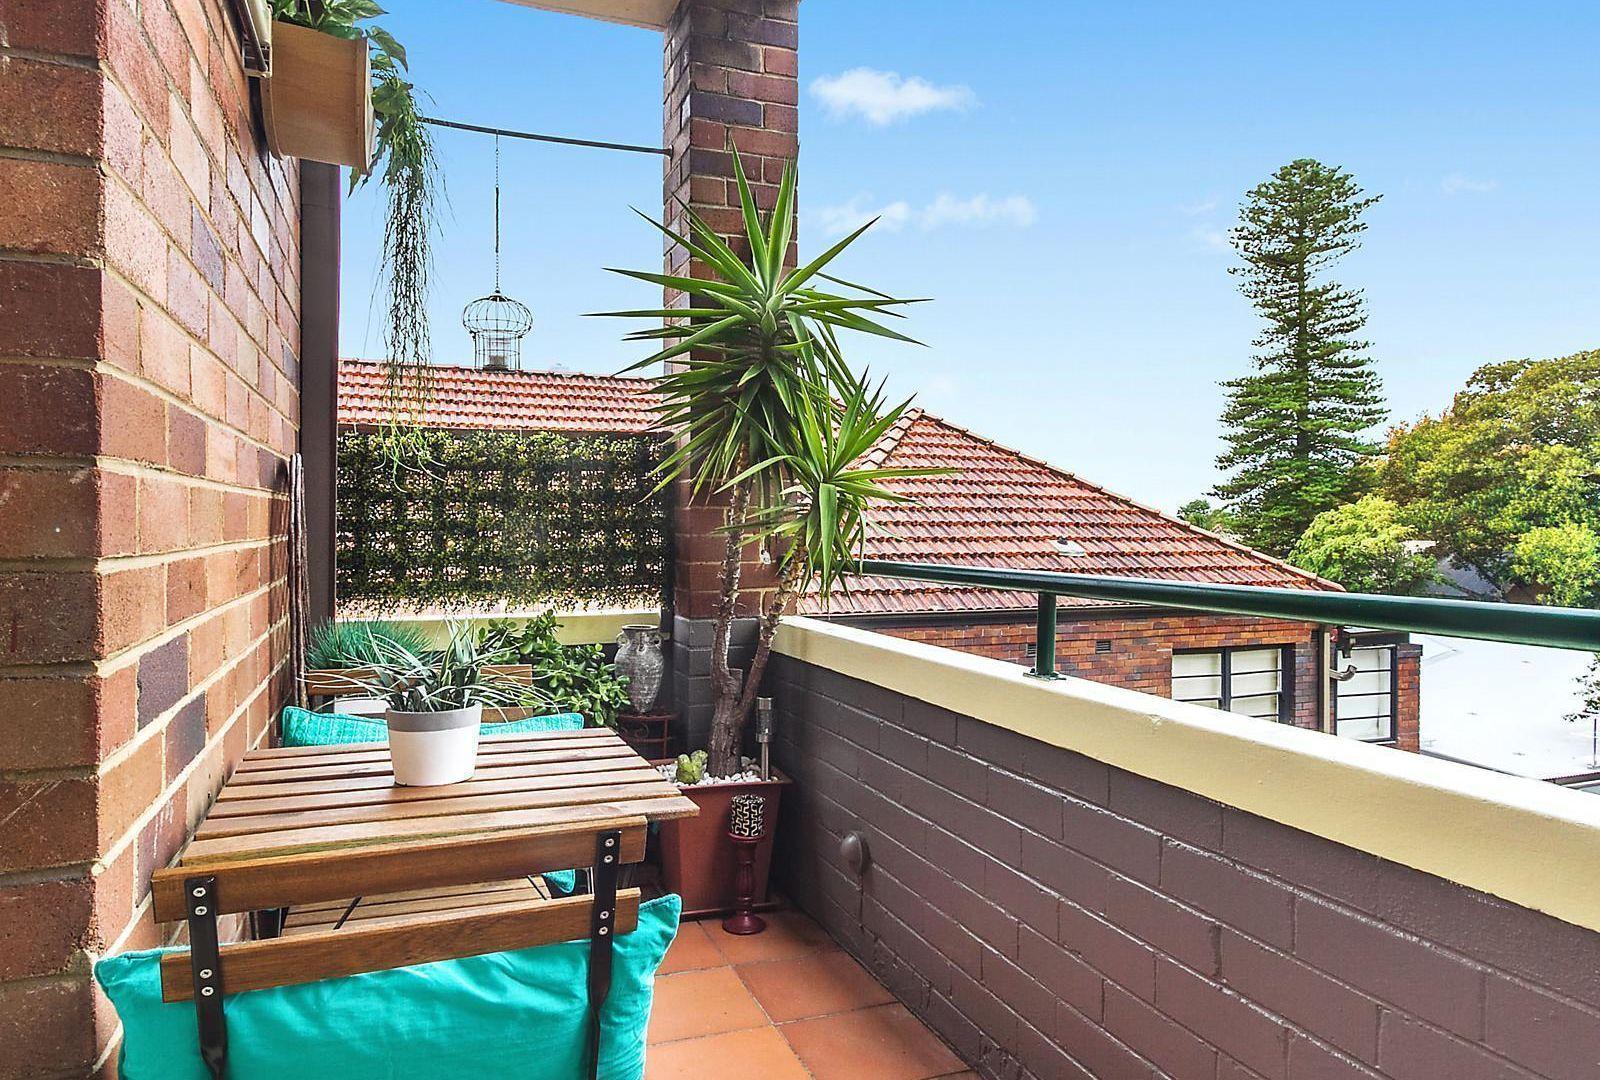 17/96 Wallis Street, Woollahra NSW 2025, Image 2